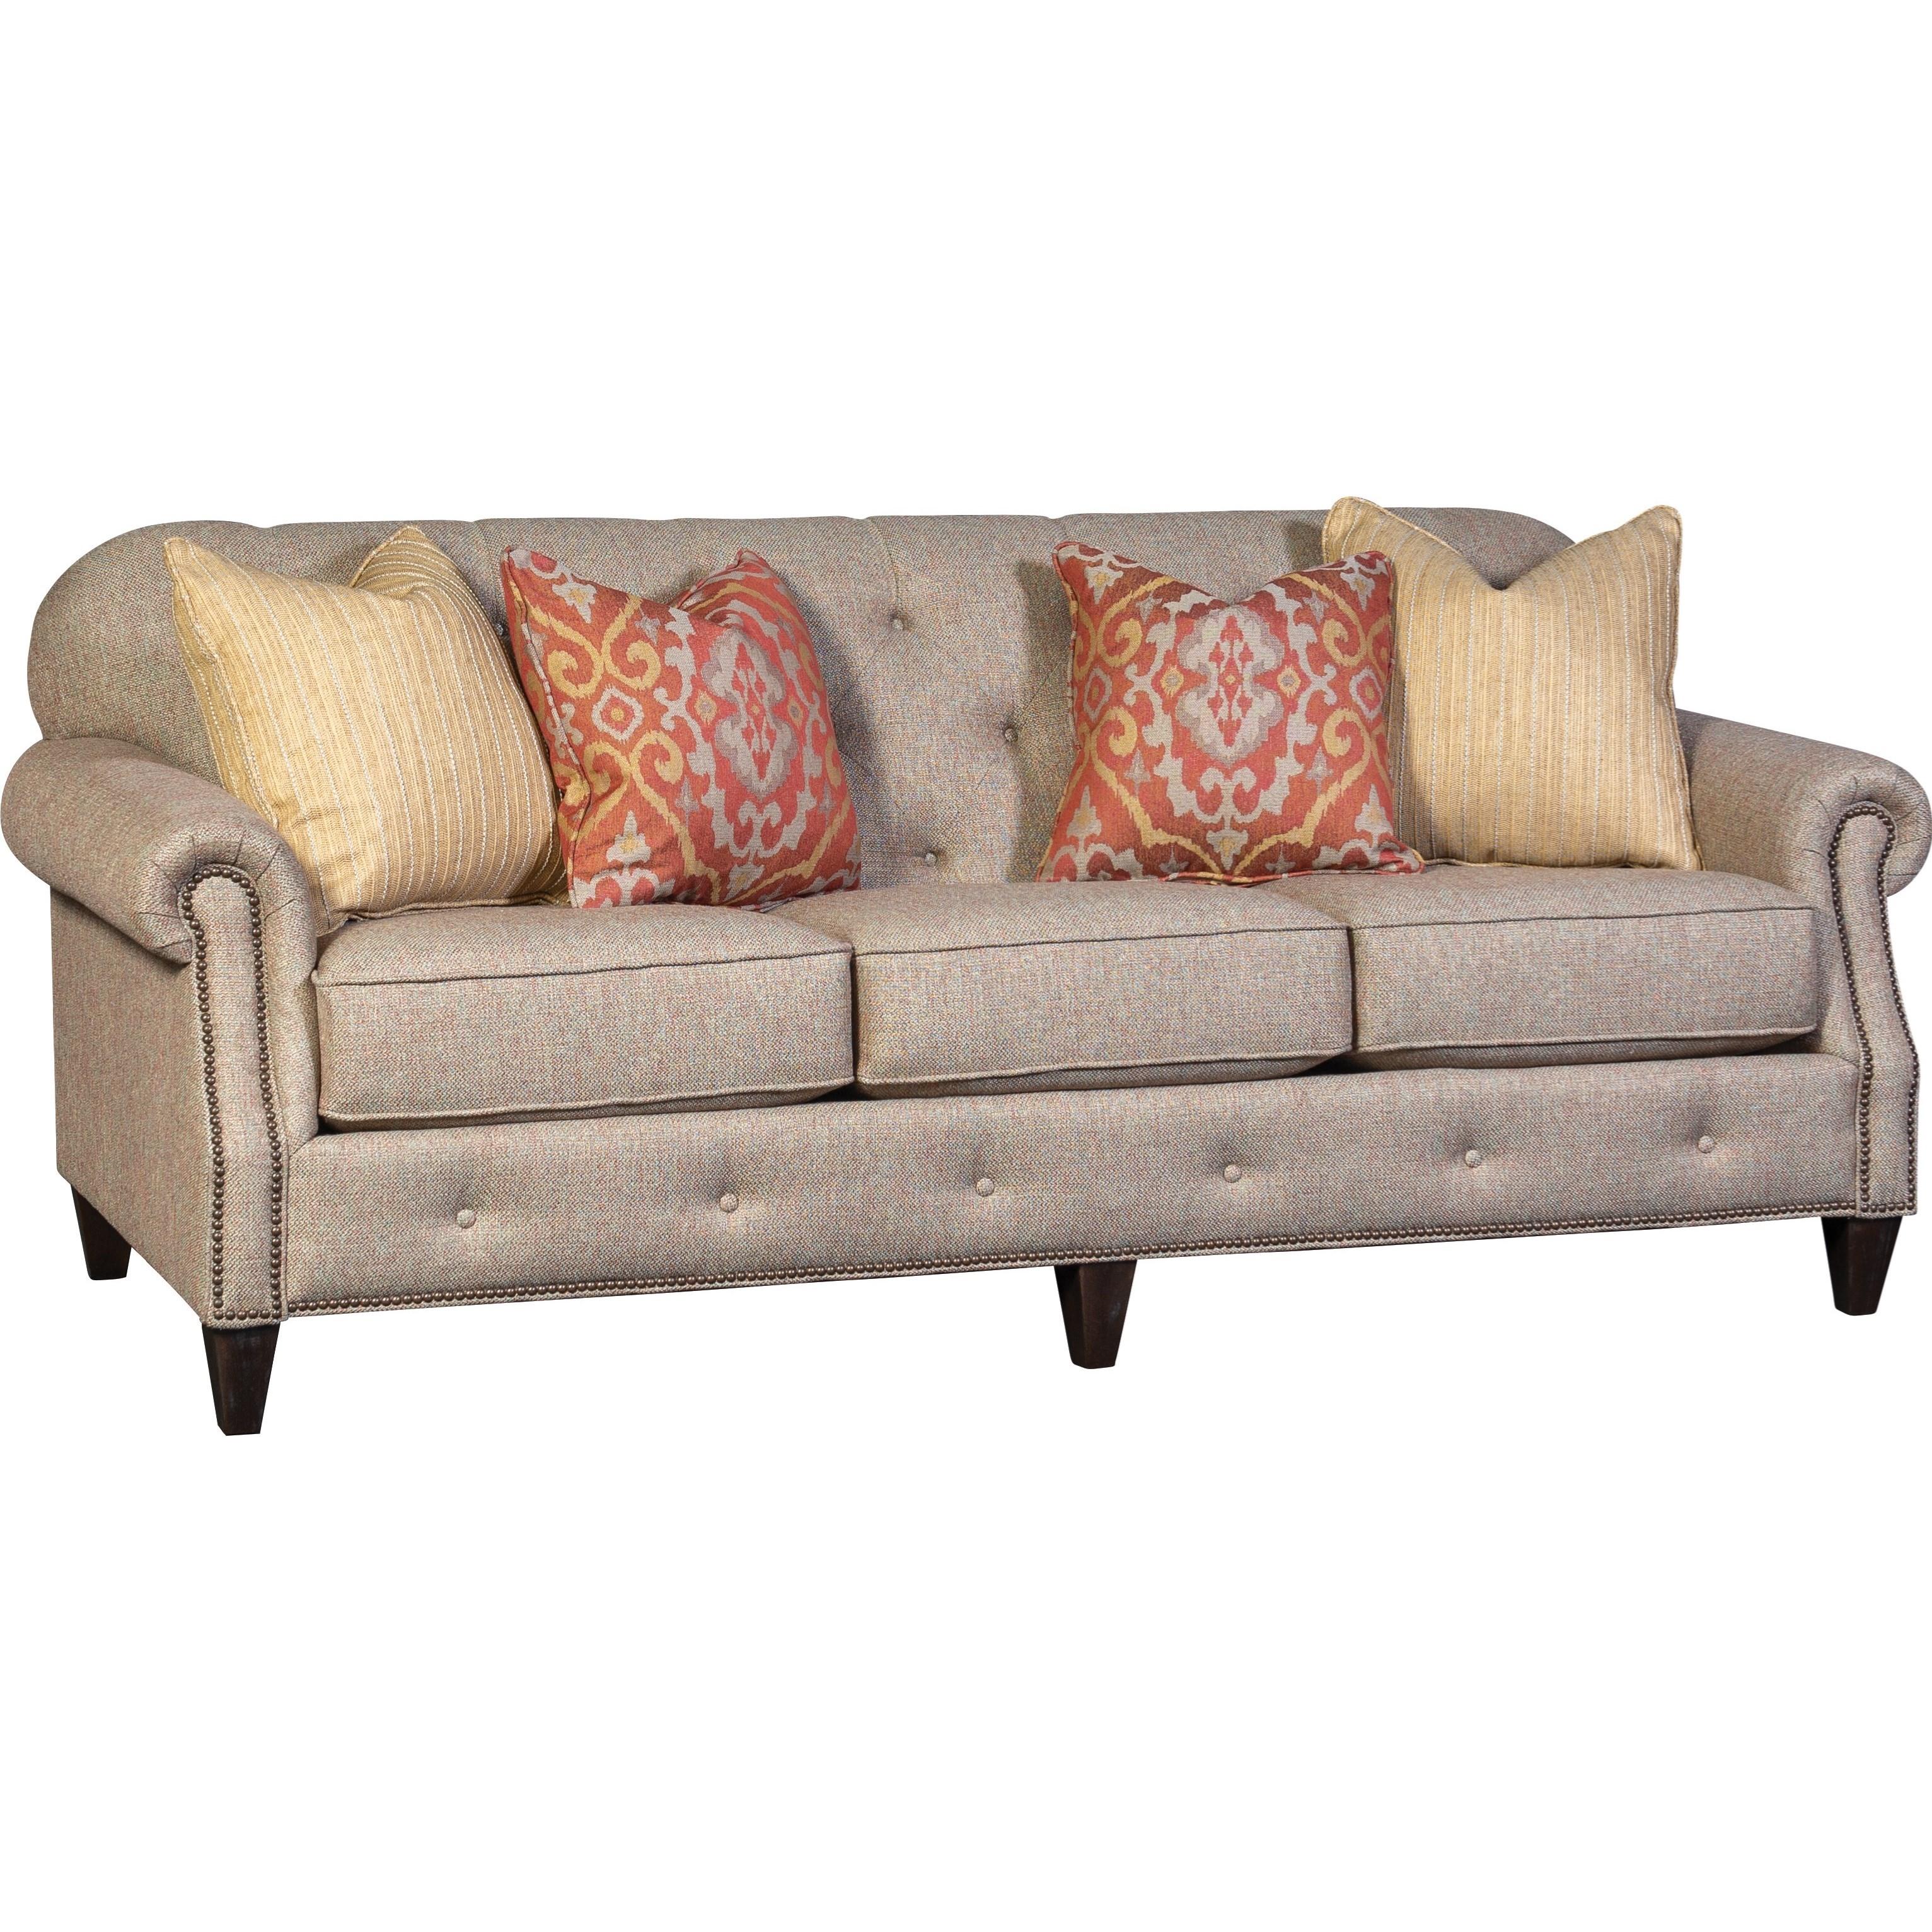 2262 Sofa by Mayo at Pedigo Furniture